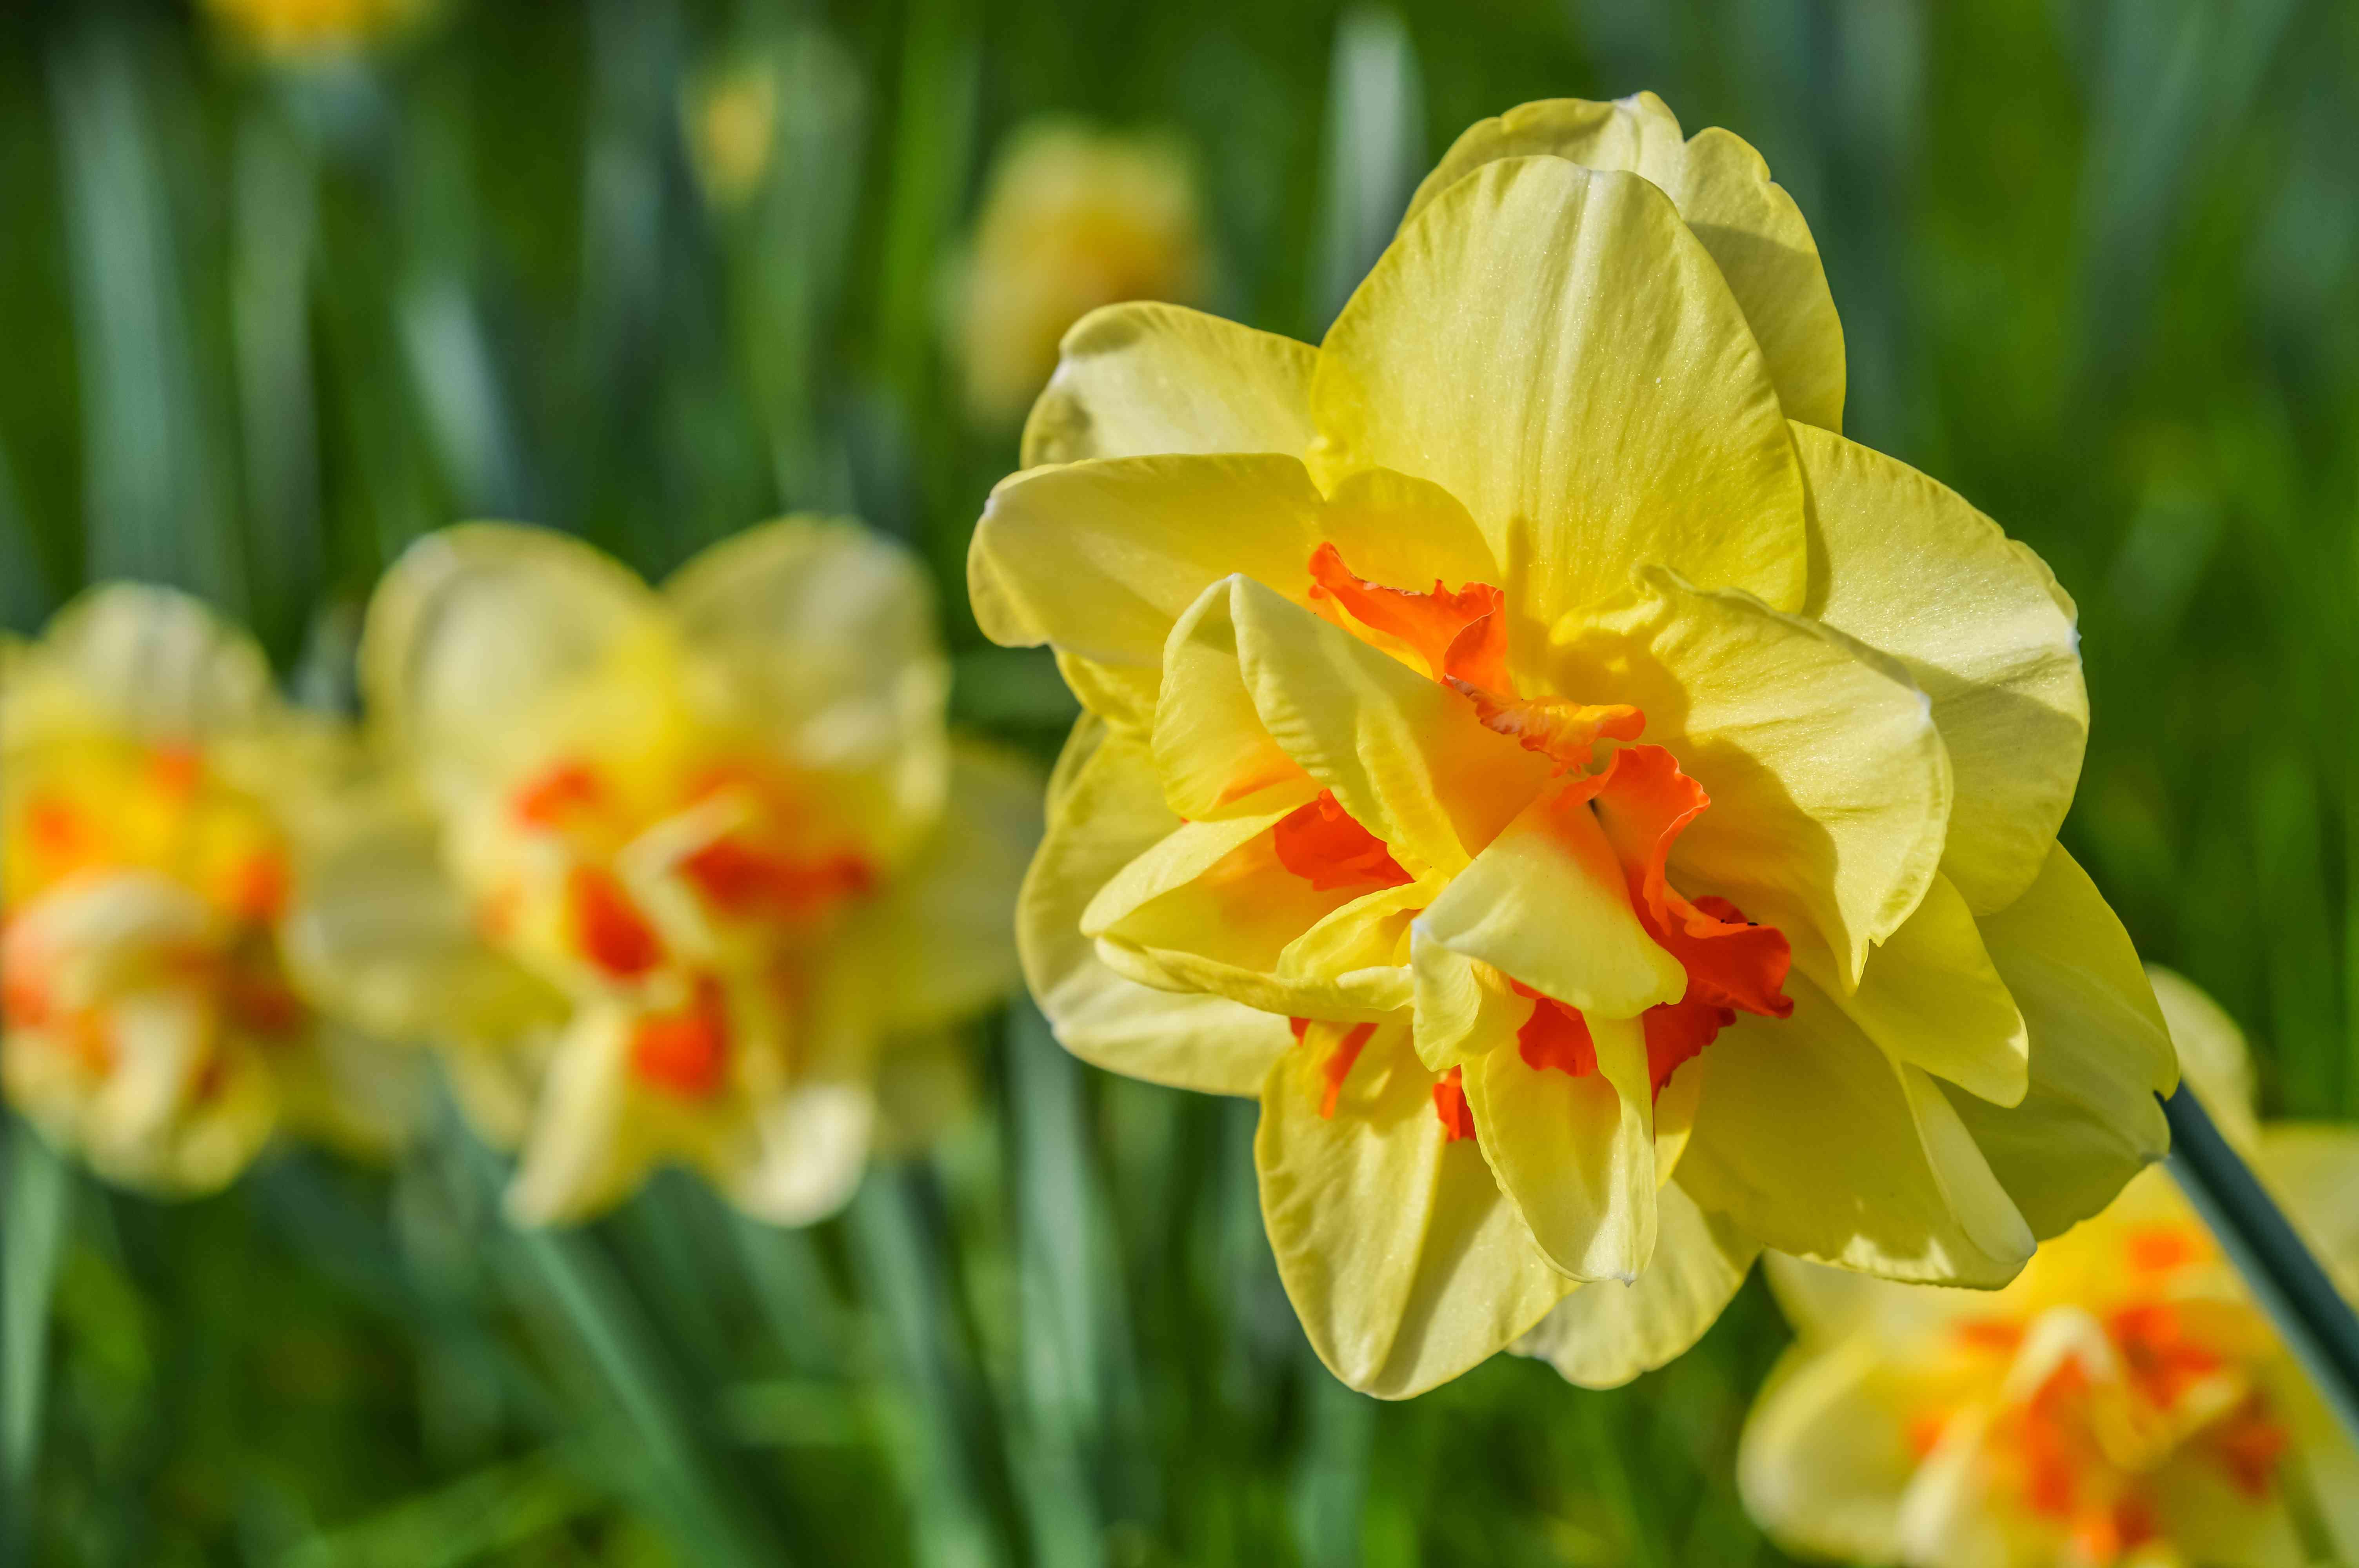 Amazing Narcissus 'Tahiti', un doble narciso híbrido